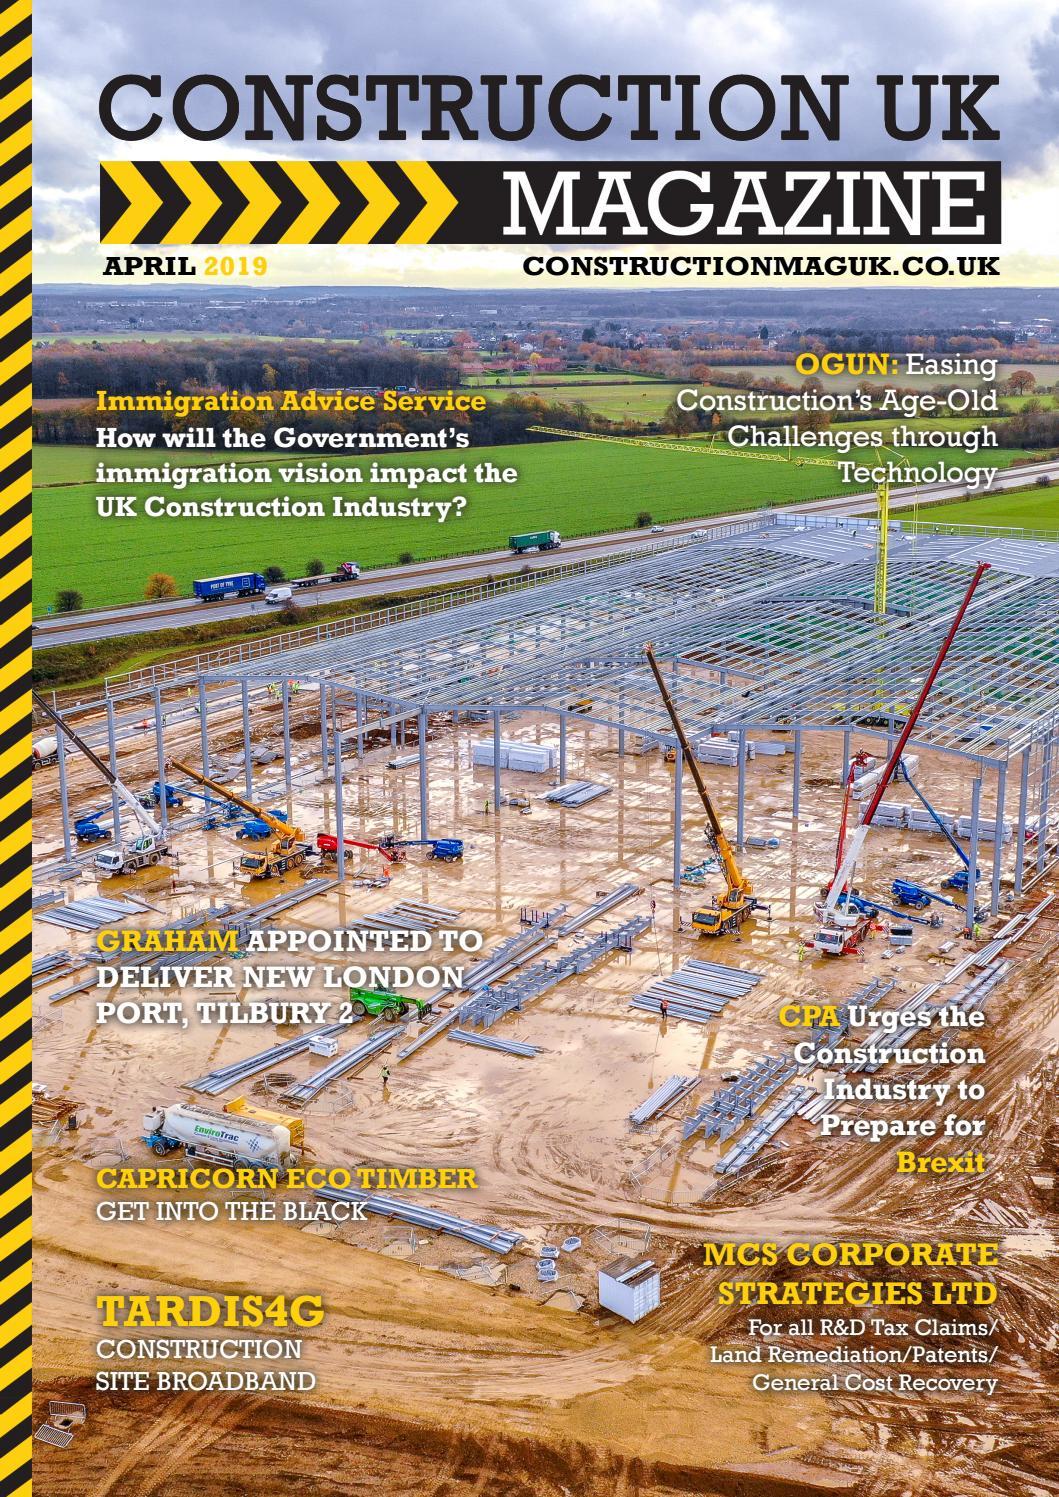 Construction UK Magazine - April 2019 by Lapthorn Media - issuu